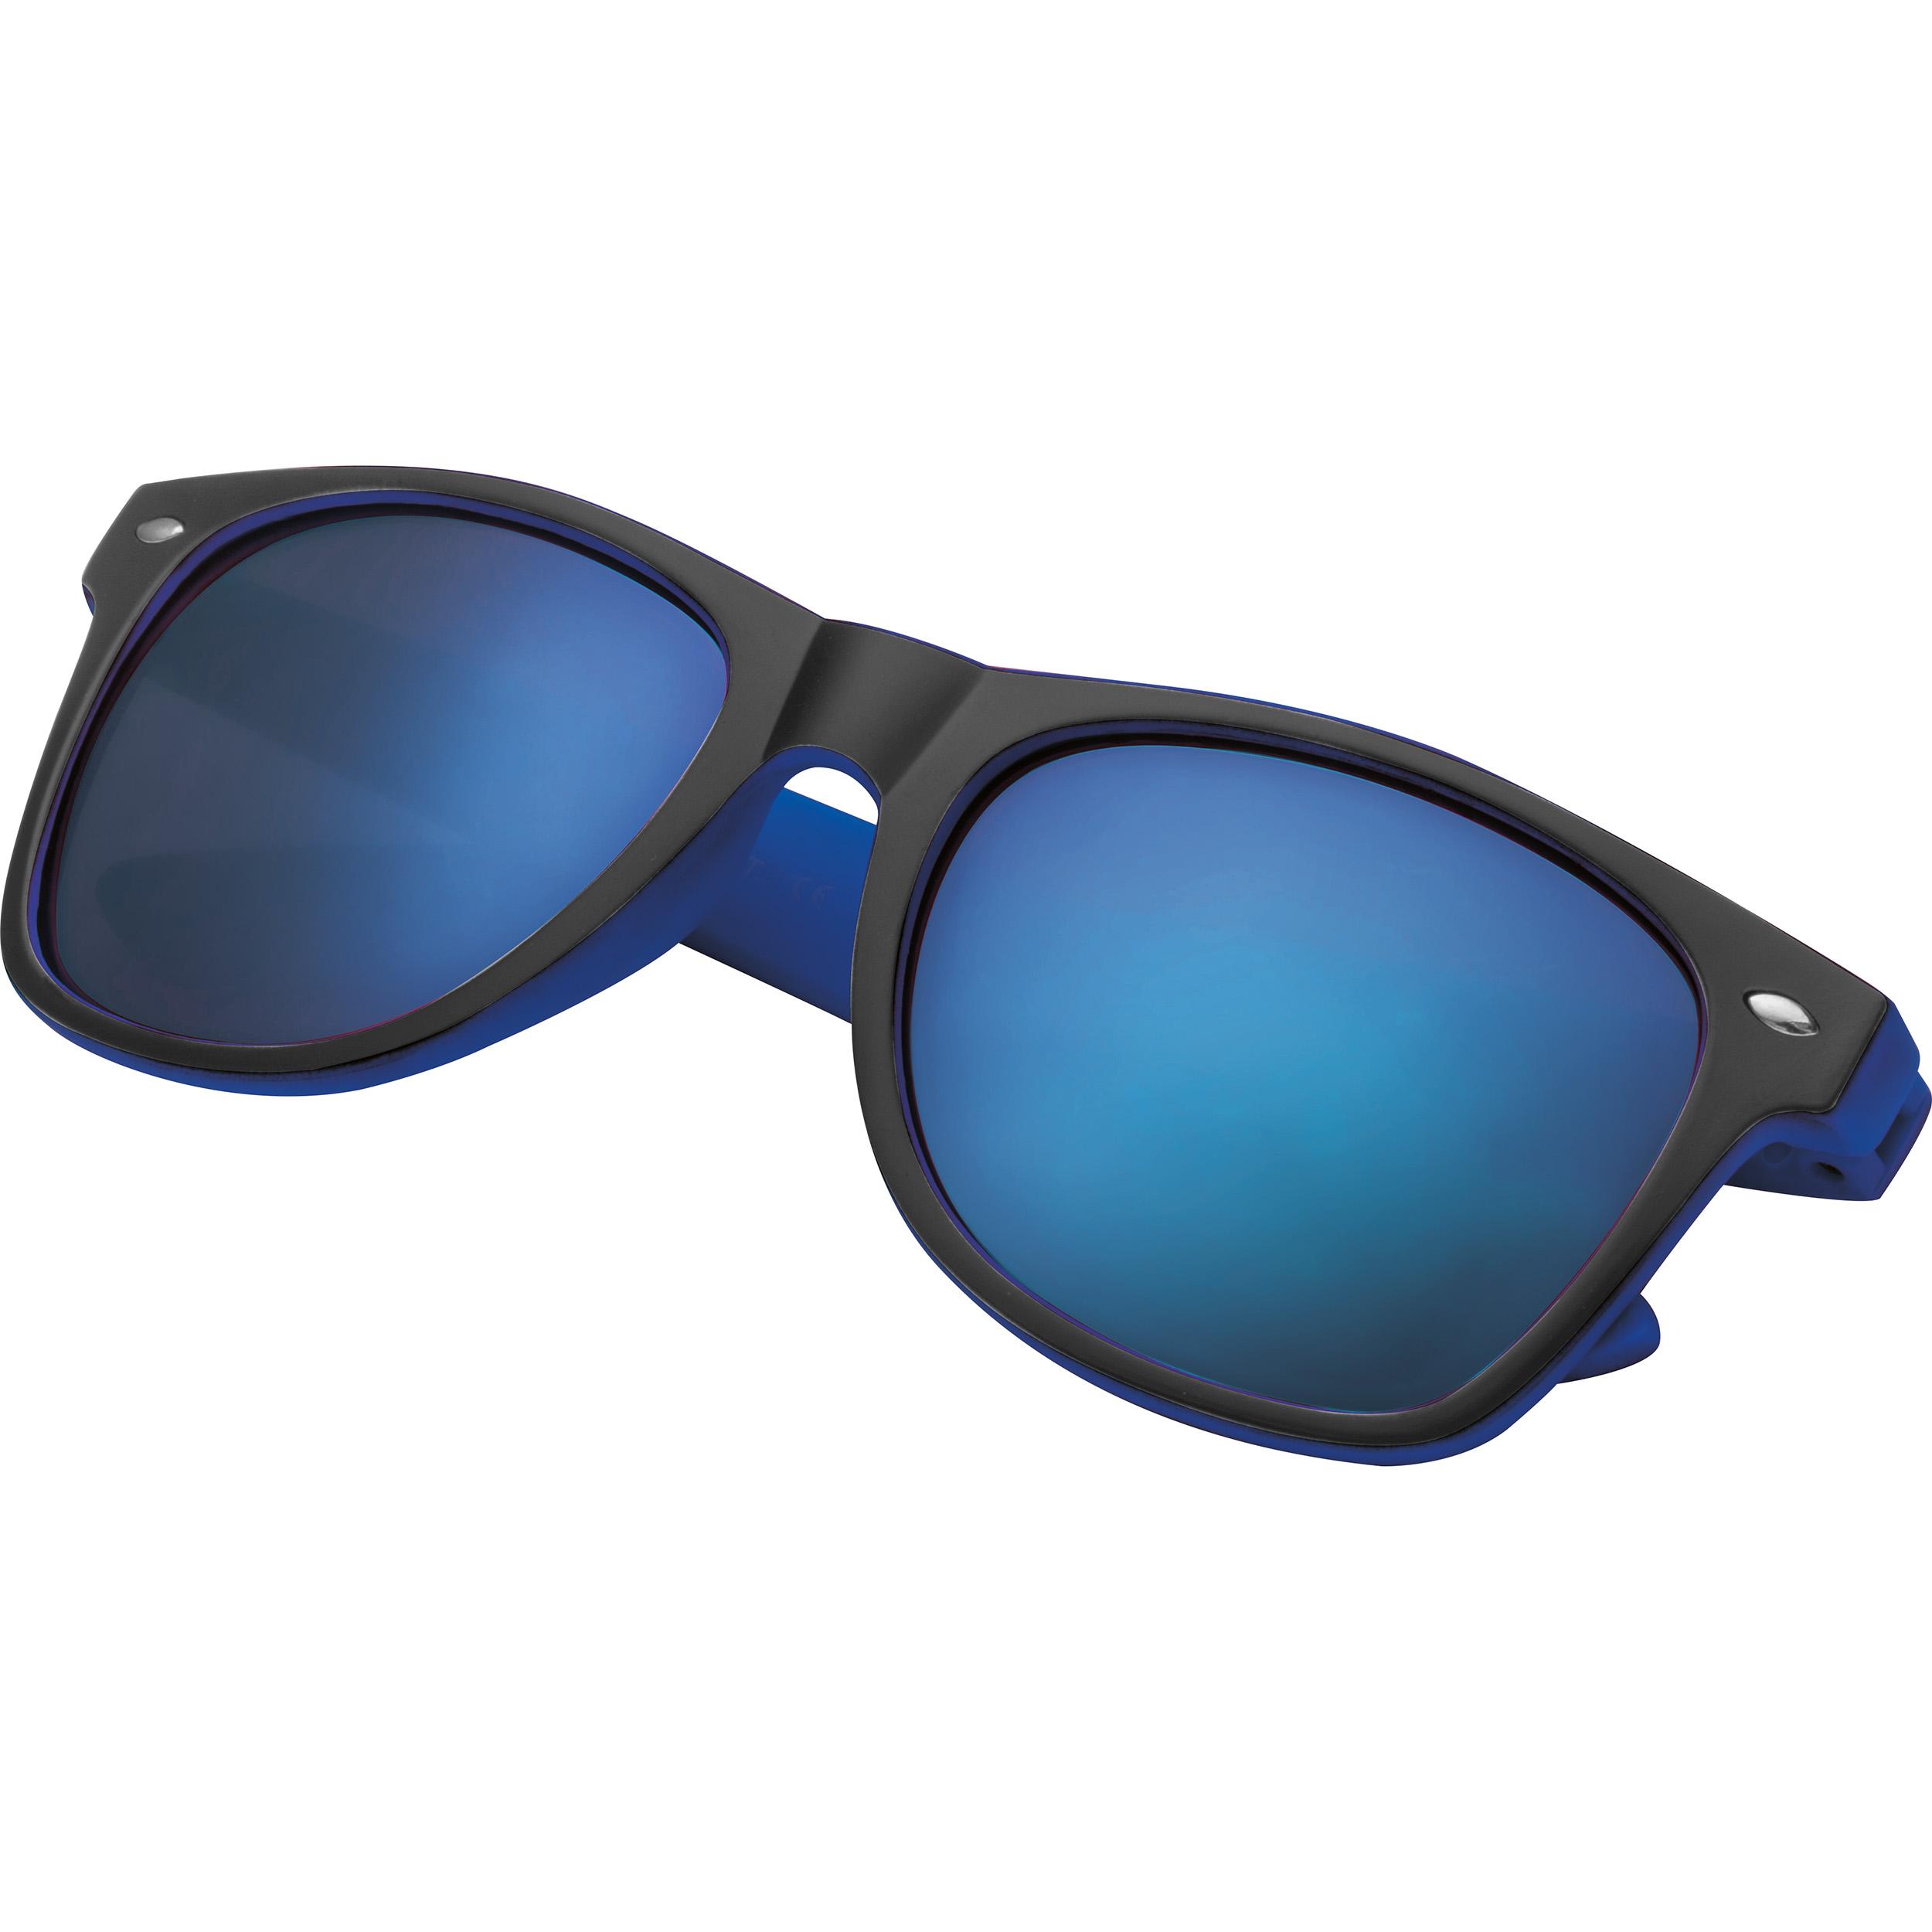 Sonnenbrille aus Kunststoff mit verspiegelten Gläsern, UV 400 Schutz